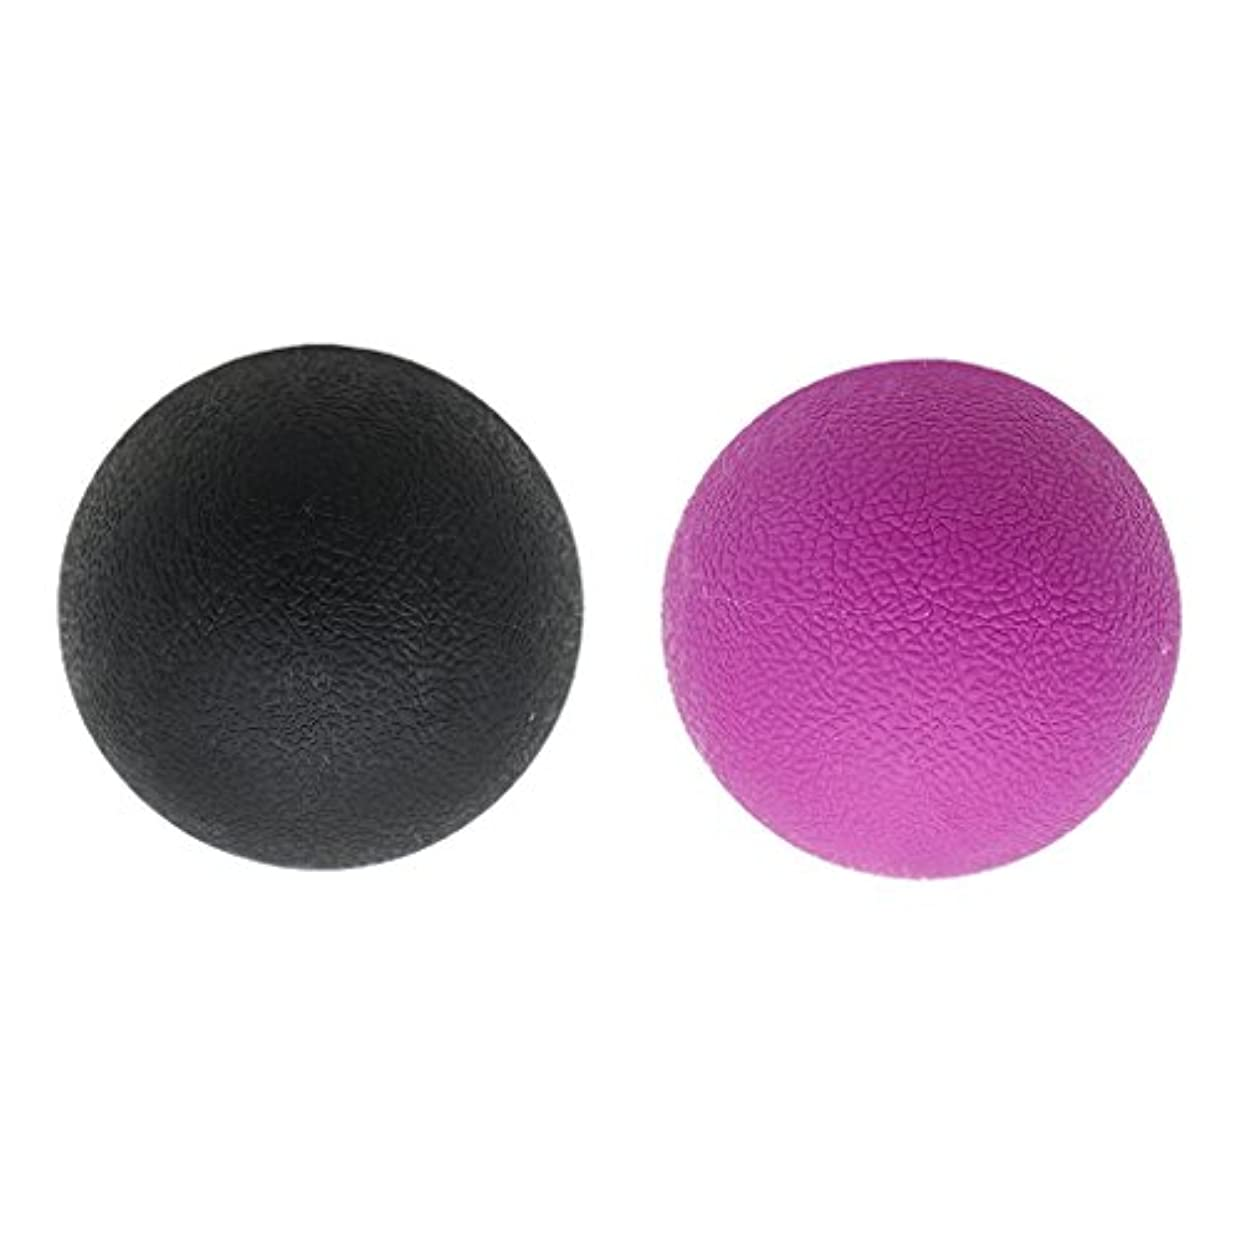 連鎖散る摘むBaoblaze 2個 マッサージボール ラクロスボール トリガ ポイントマッサージ 弾性TPE 多色選べる - ブラックパープル